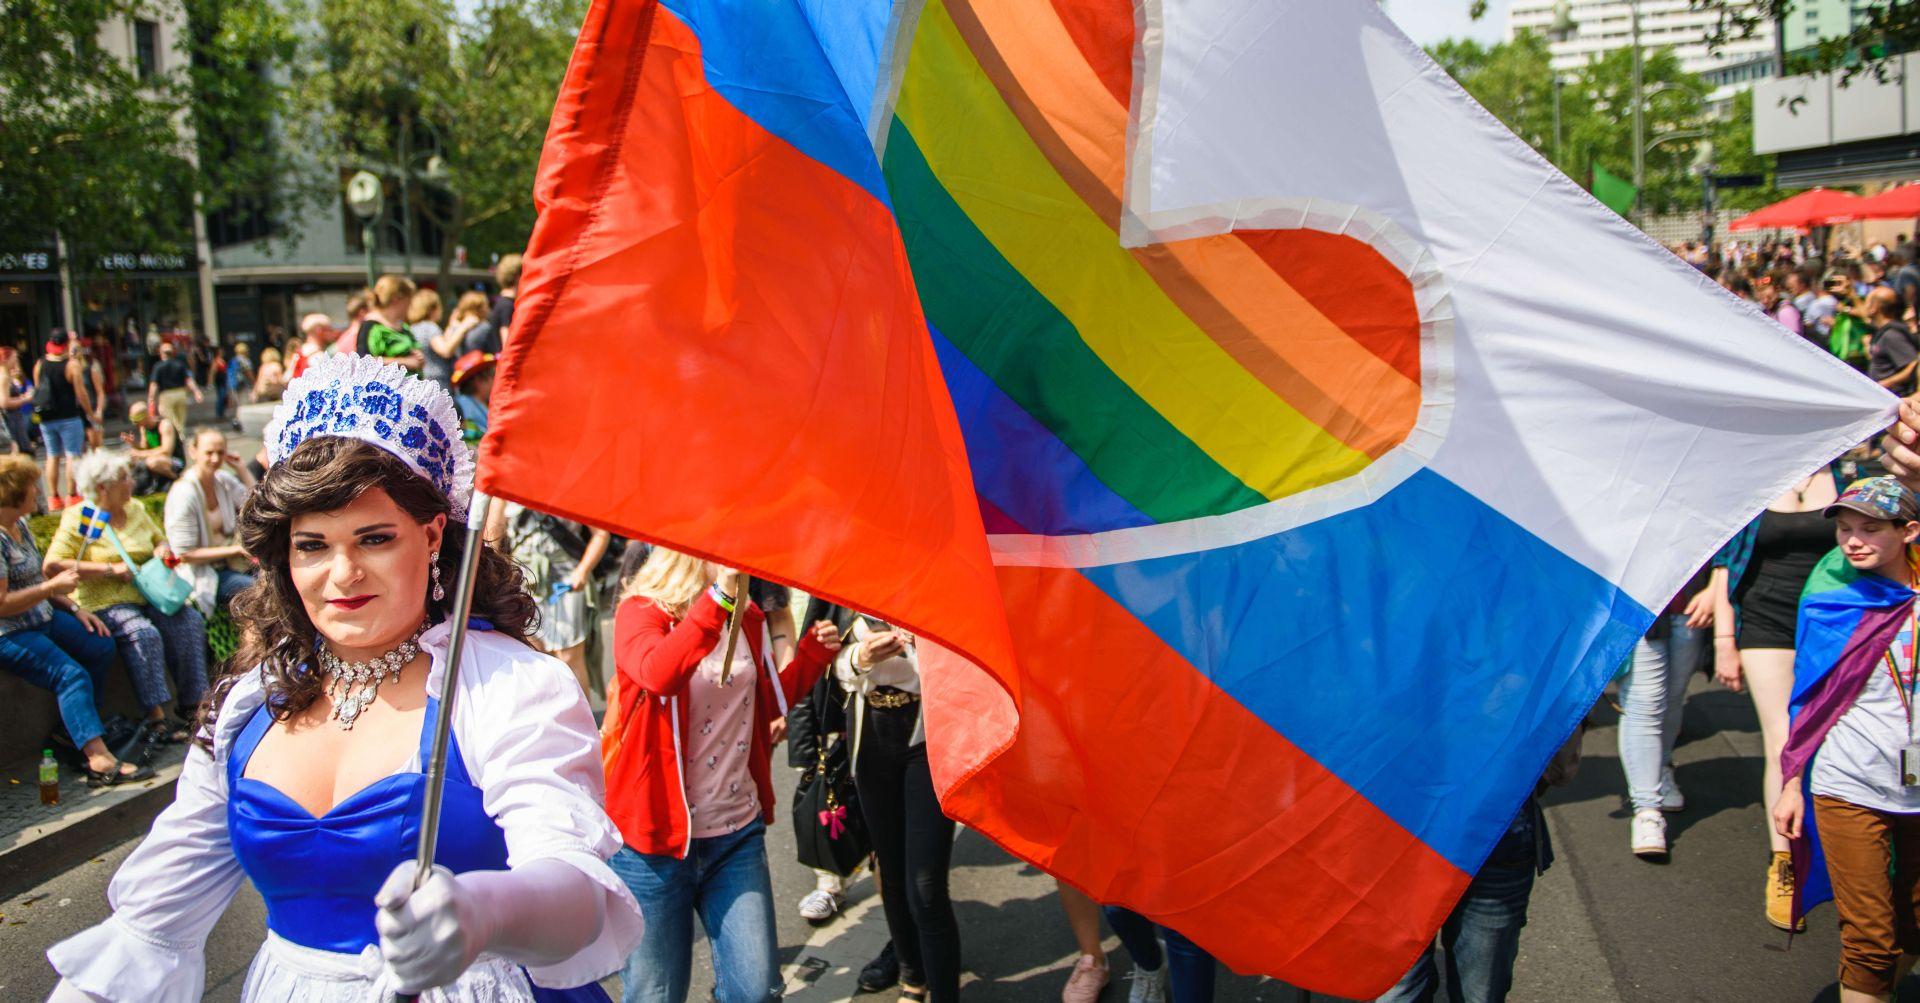 Deseci tisuća ljudi na Paradi ponosa u Berlinu